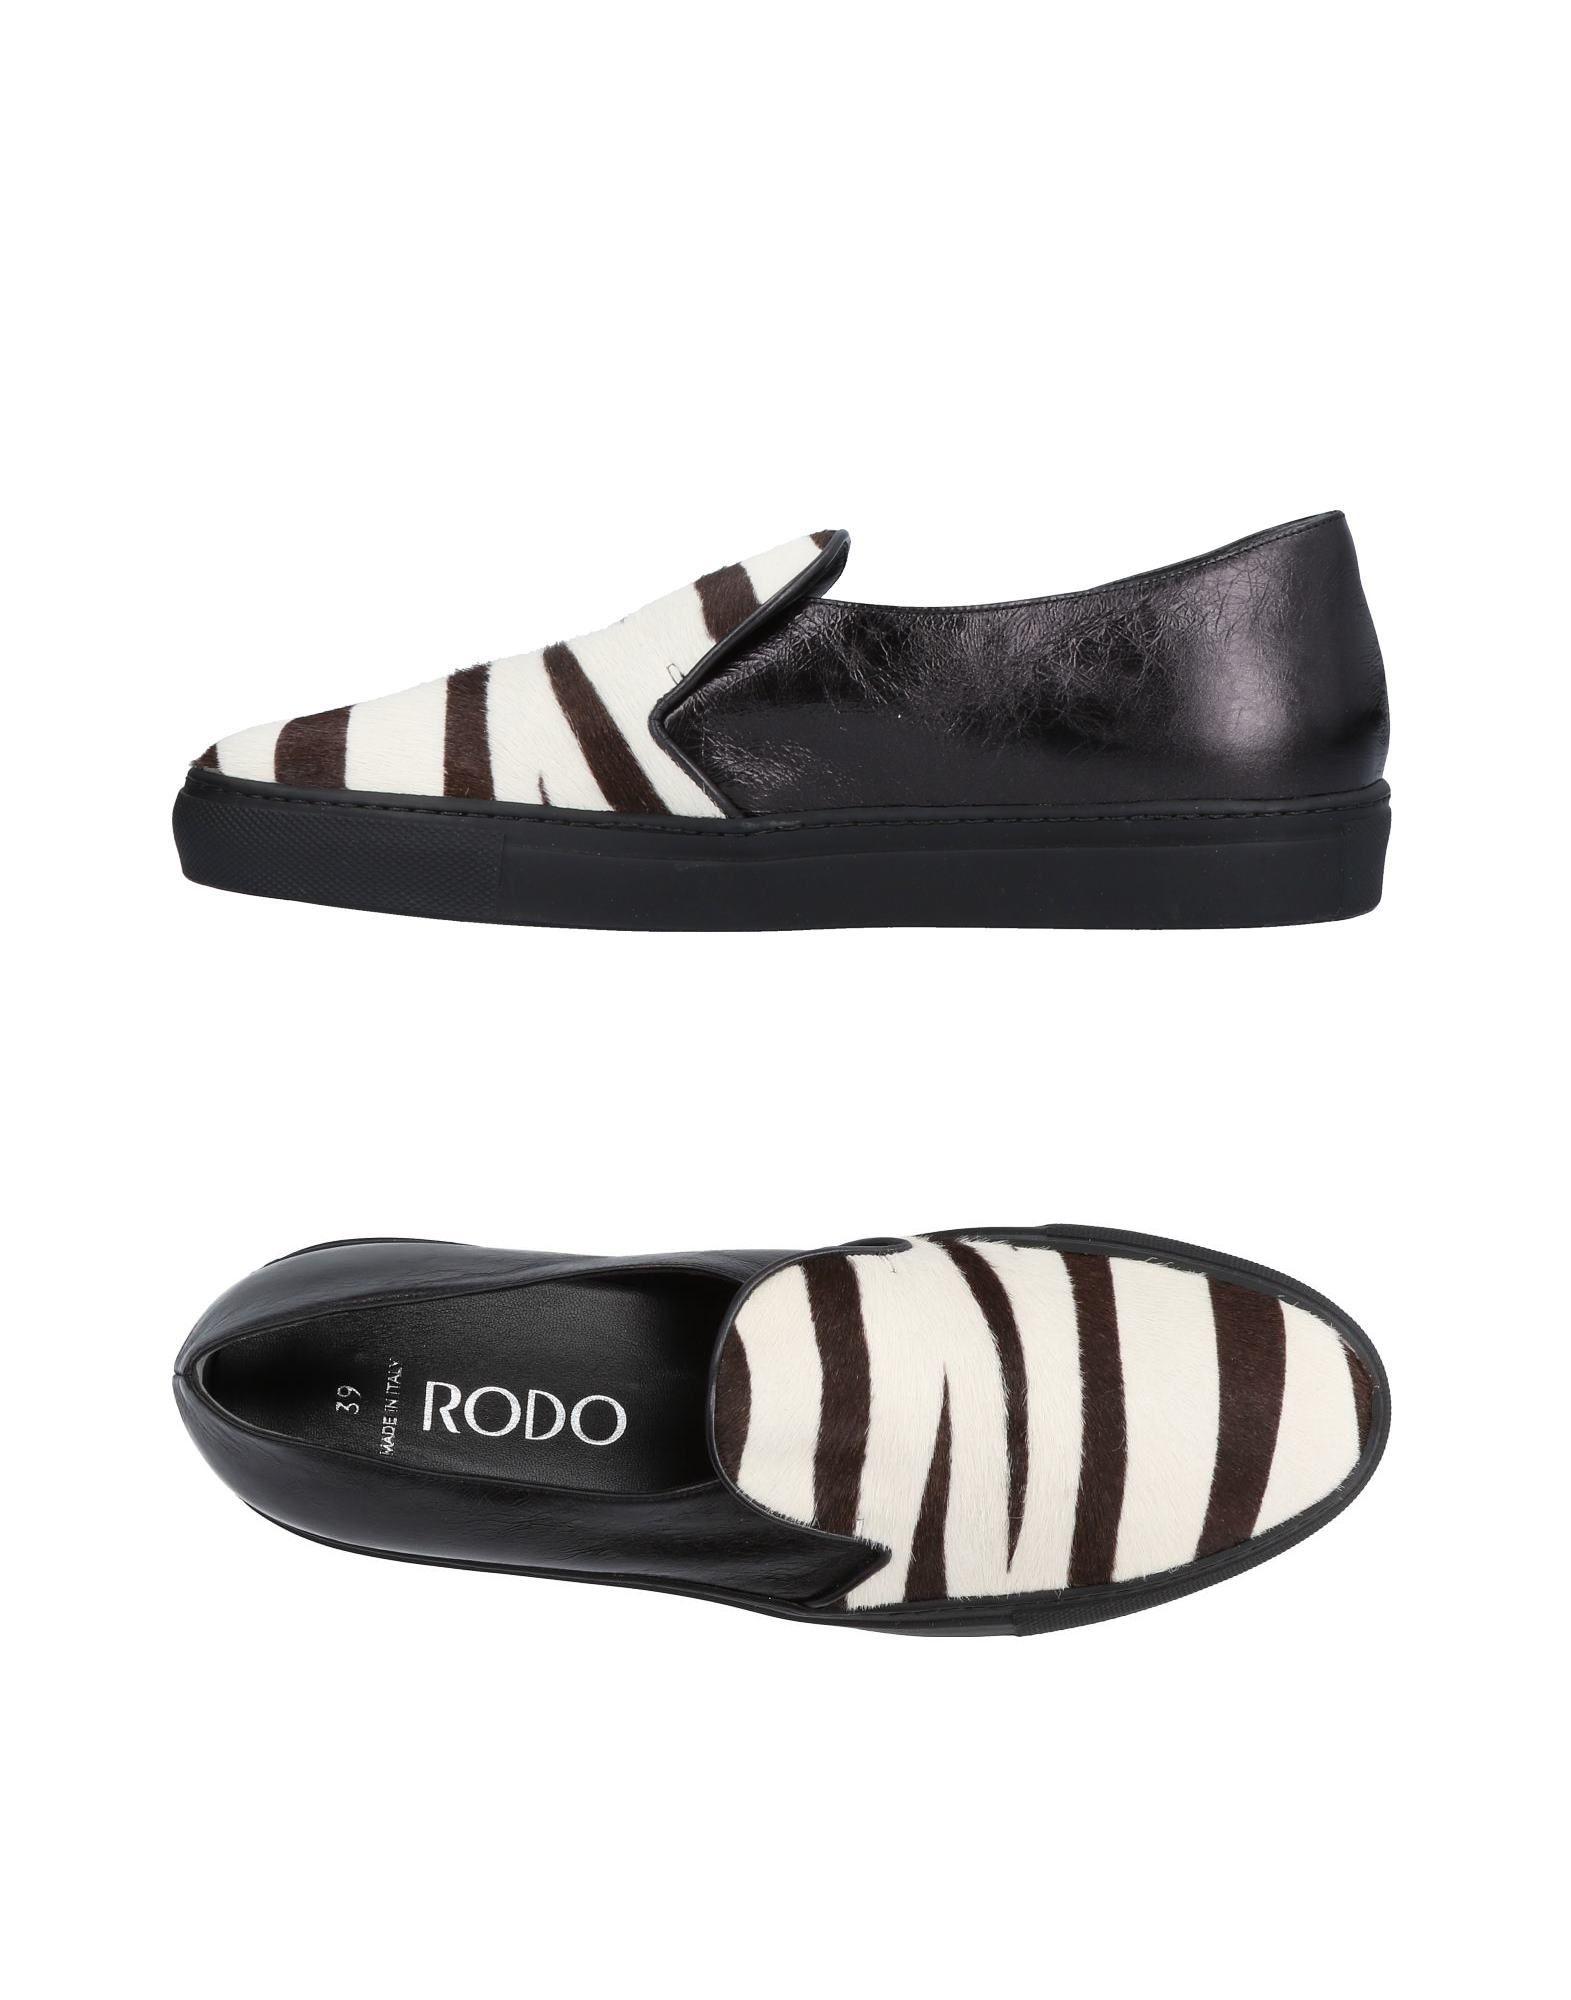 Rodo lohnt Sneakers Damen Gutes Preis-Leistungs-Verhältnis, es lohnt Rodo sich a401a3